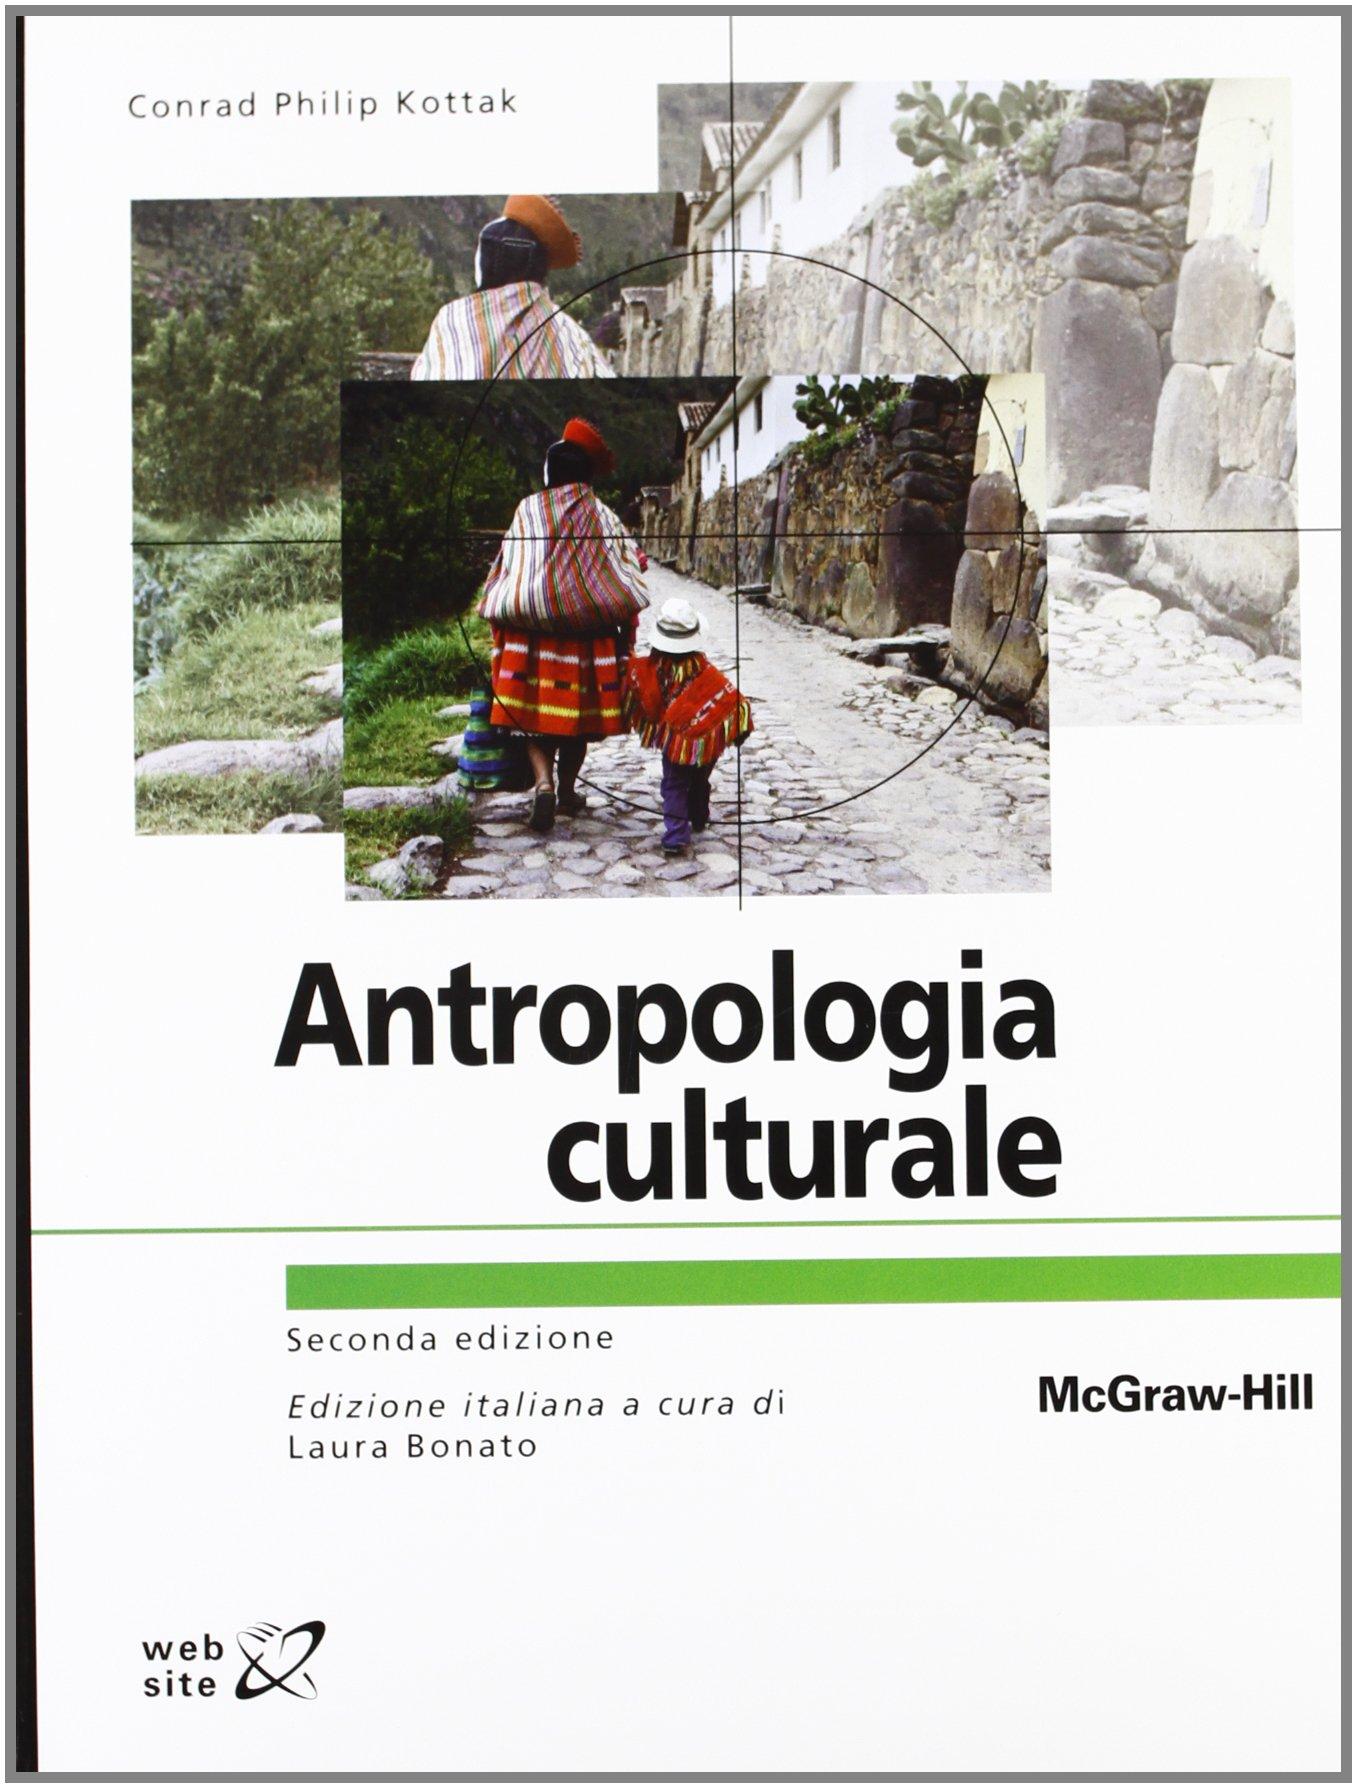 Antropologia culturale Copertina flessibile – 1 giu 2012 Conrad P. Kottak McGraw-Hill Education 883866739X SCIENZE SOCIALI